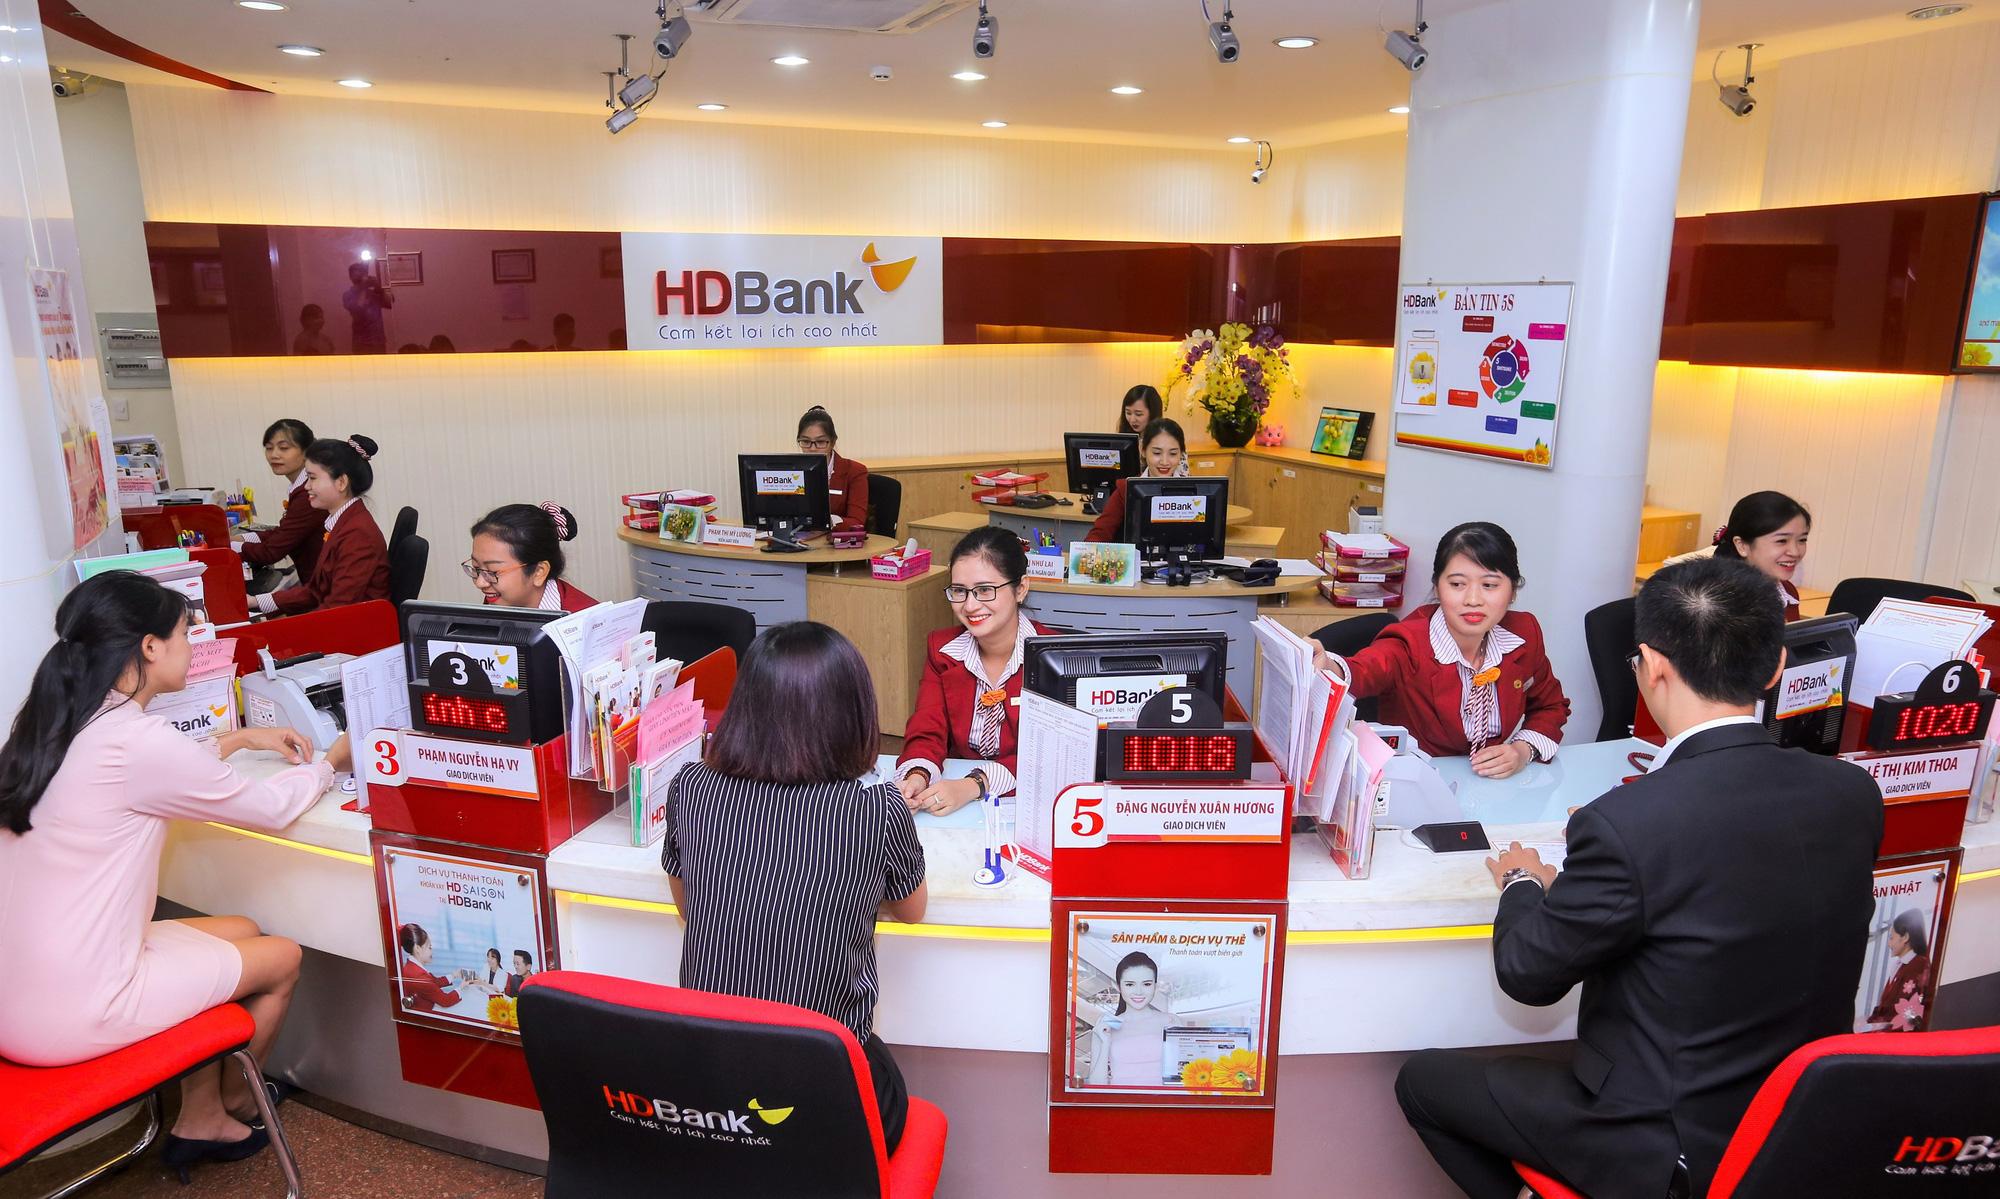 Cổ đông HDBank đã nhận cổ tức 25% năm 2020 bằng cổ phiếu - Ảnh 1.